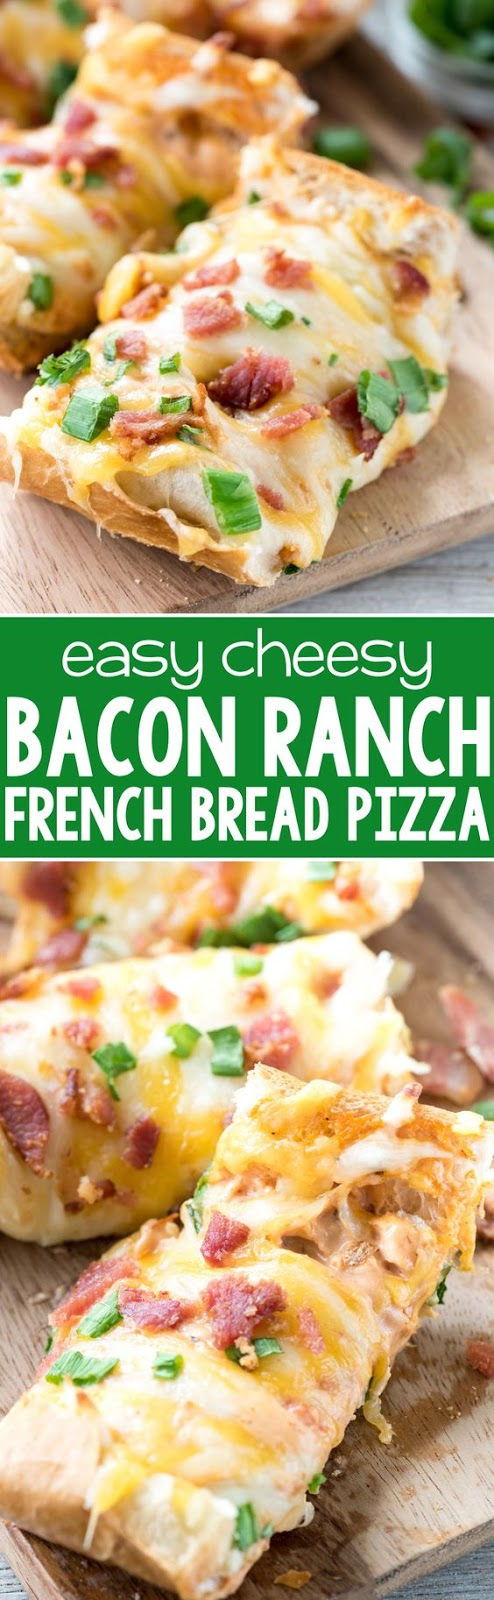 CHEESY BACON RANCH FRENCH BREAD PIZZA